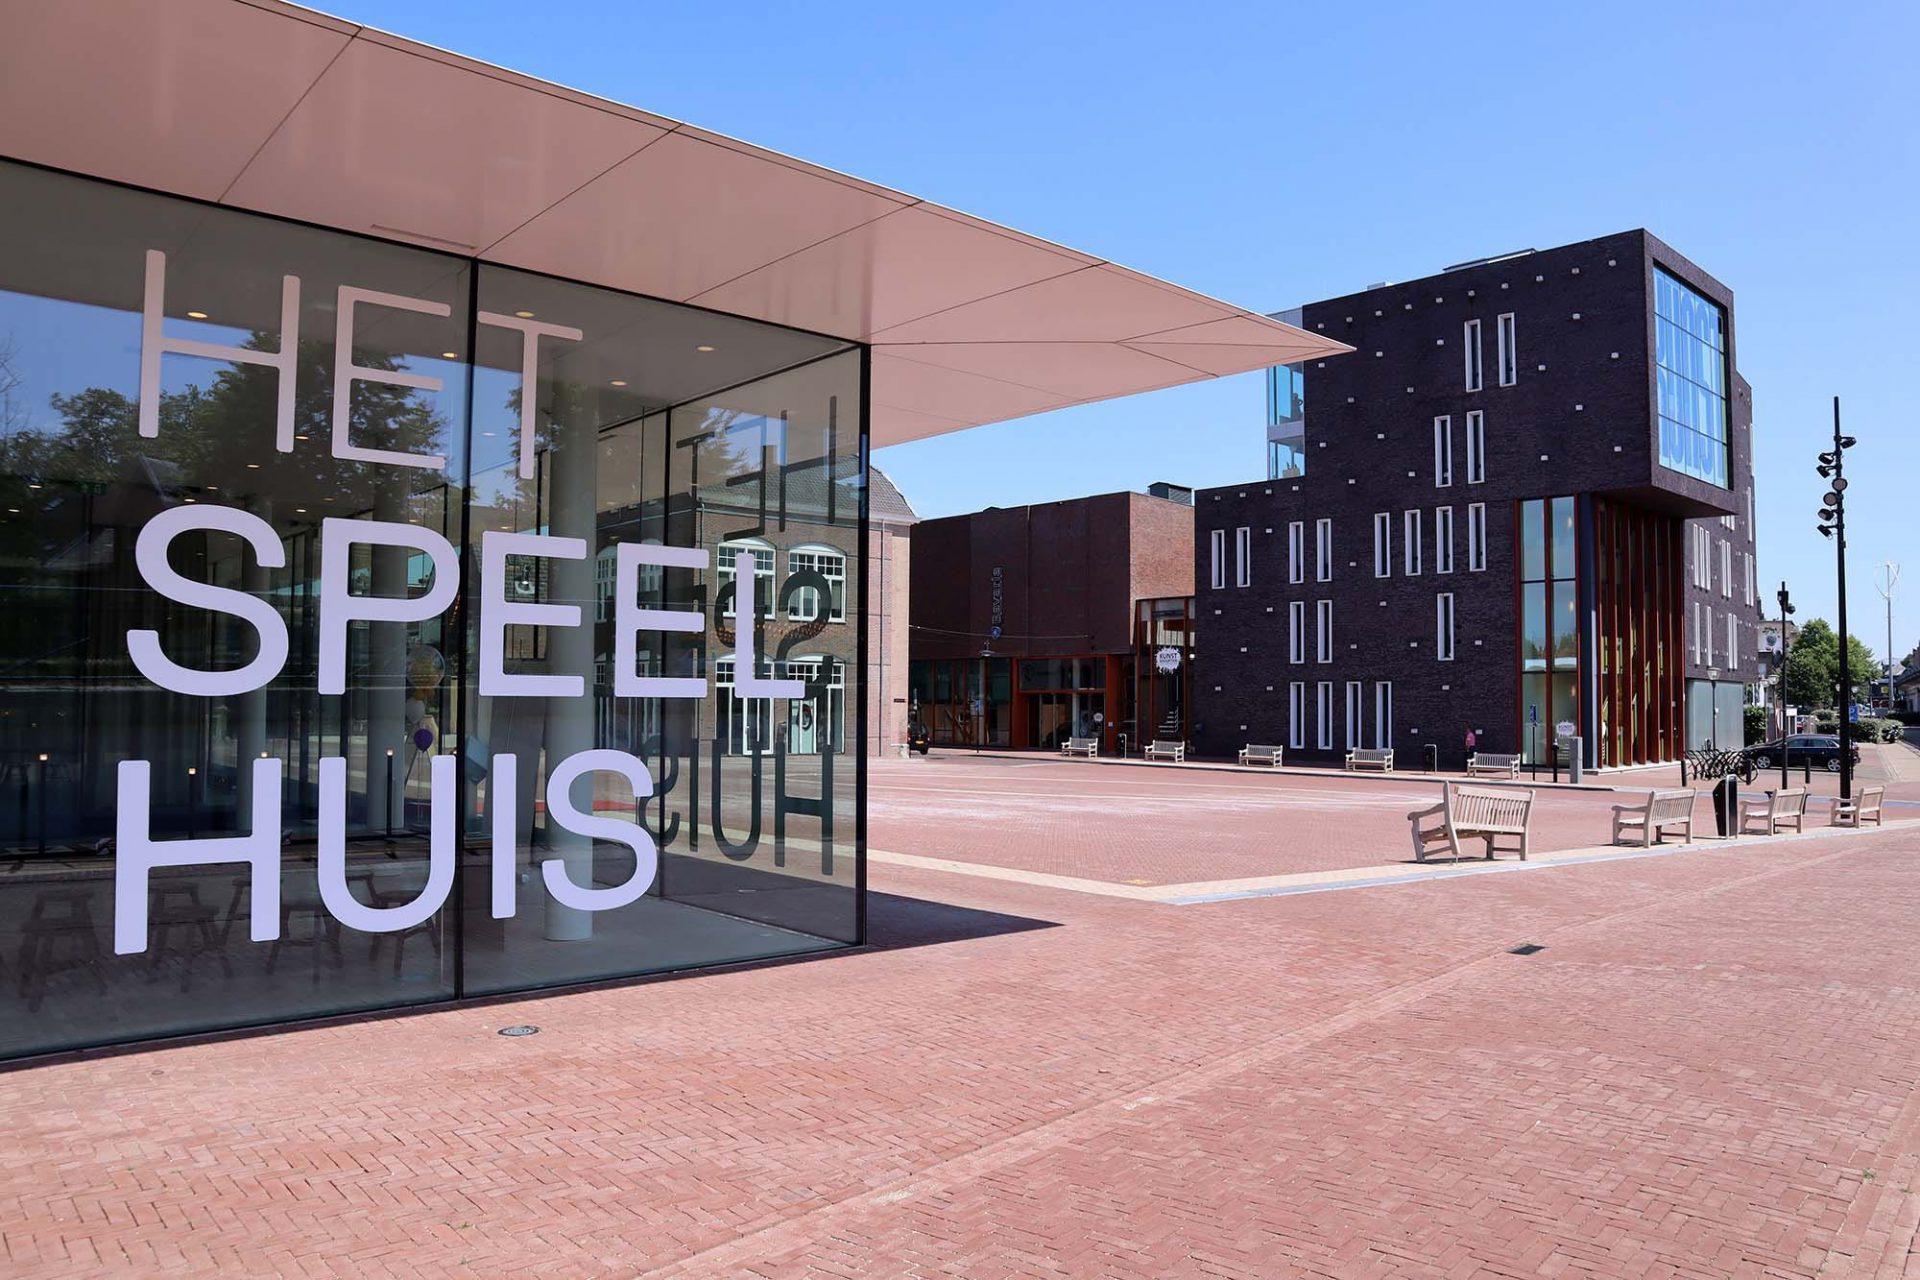 Kunstkwartier. Das Kulturzentrum am östlichen Platzrand entstand 2004 nach Entwürfen des Helmonder Büros LX Architecten.